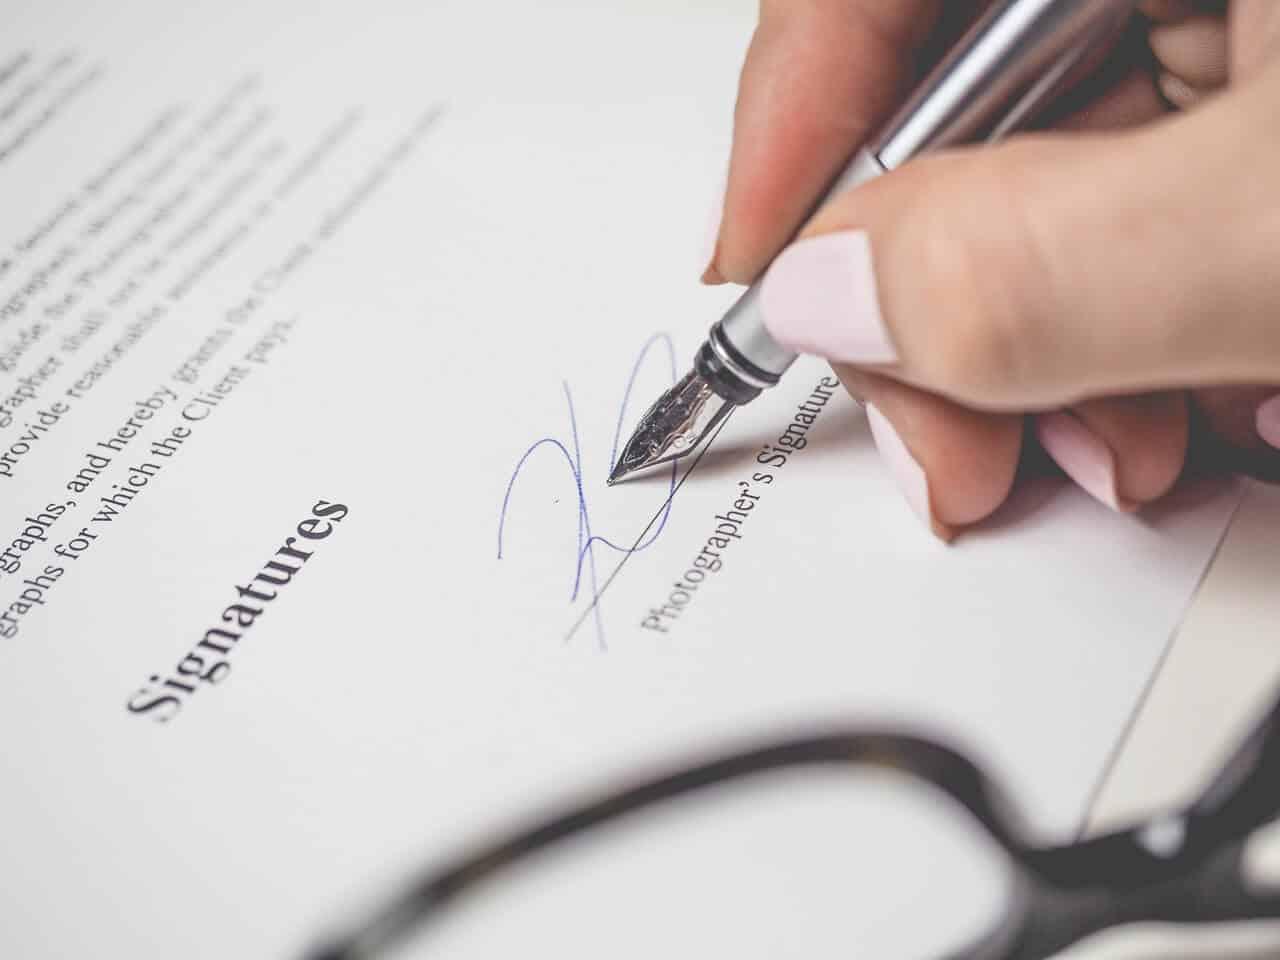 סעיף אי תחרות בהסכם עבודה אישי